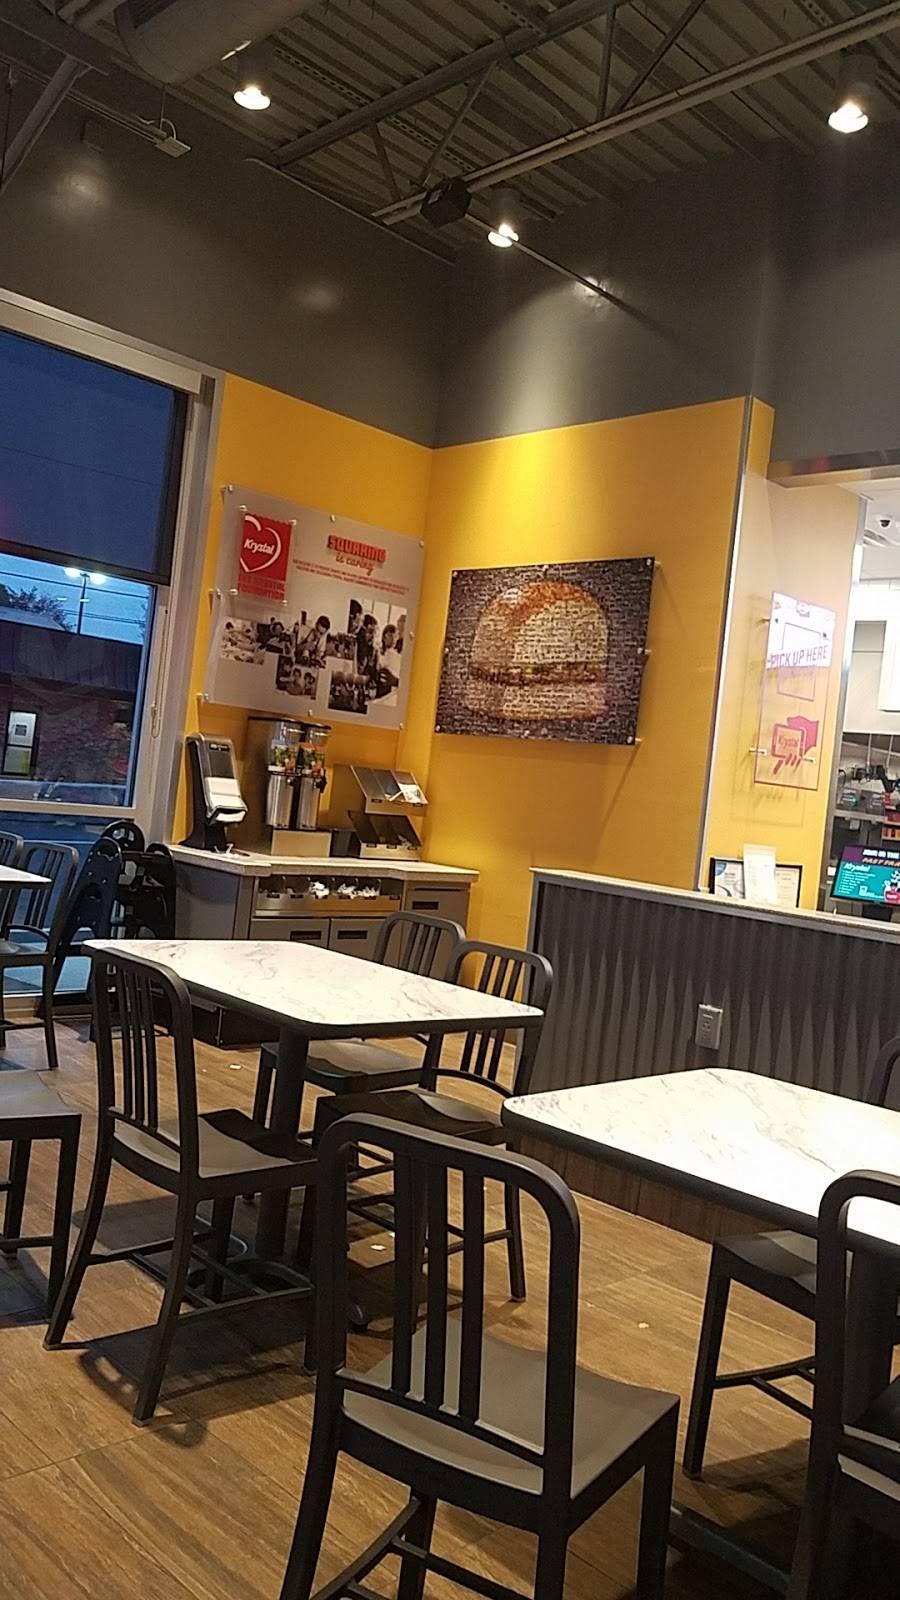 Krystal | meal takeaway | 415 Moreland Ave SE, Atlanta, GA 30316, USA | 4045243616 OR +1 404-524-3616